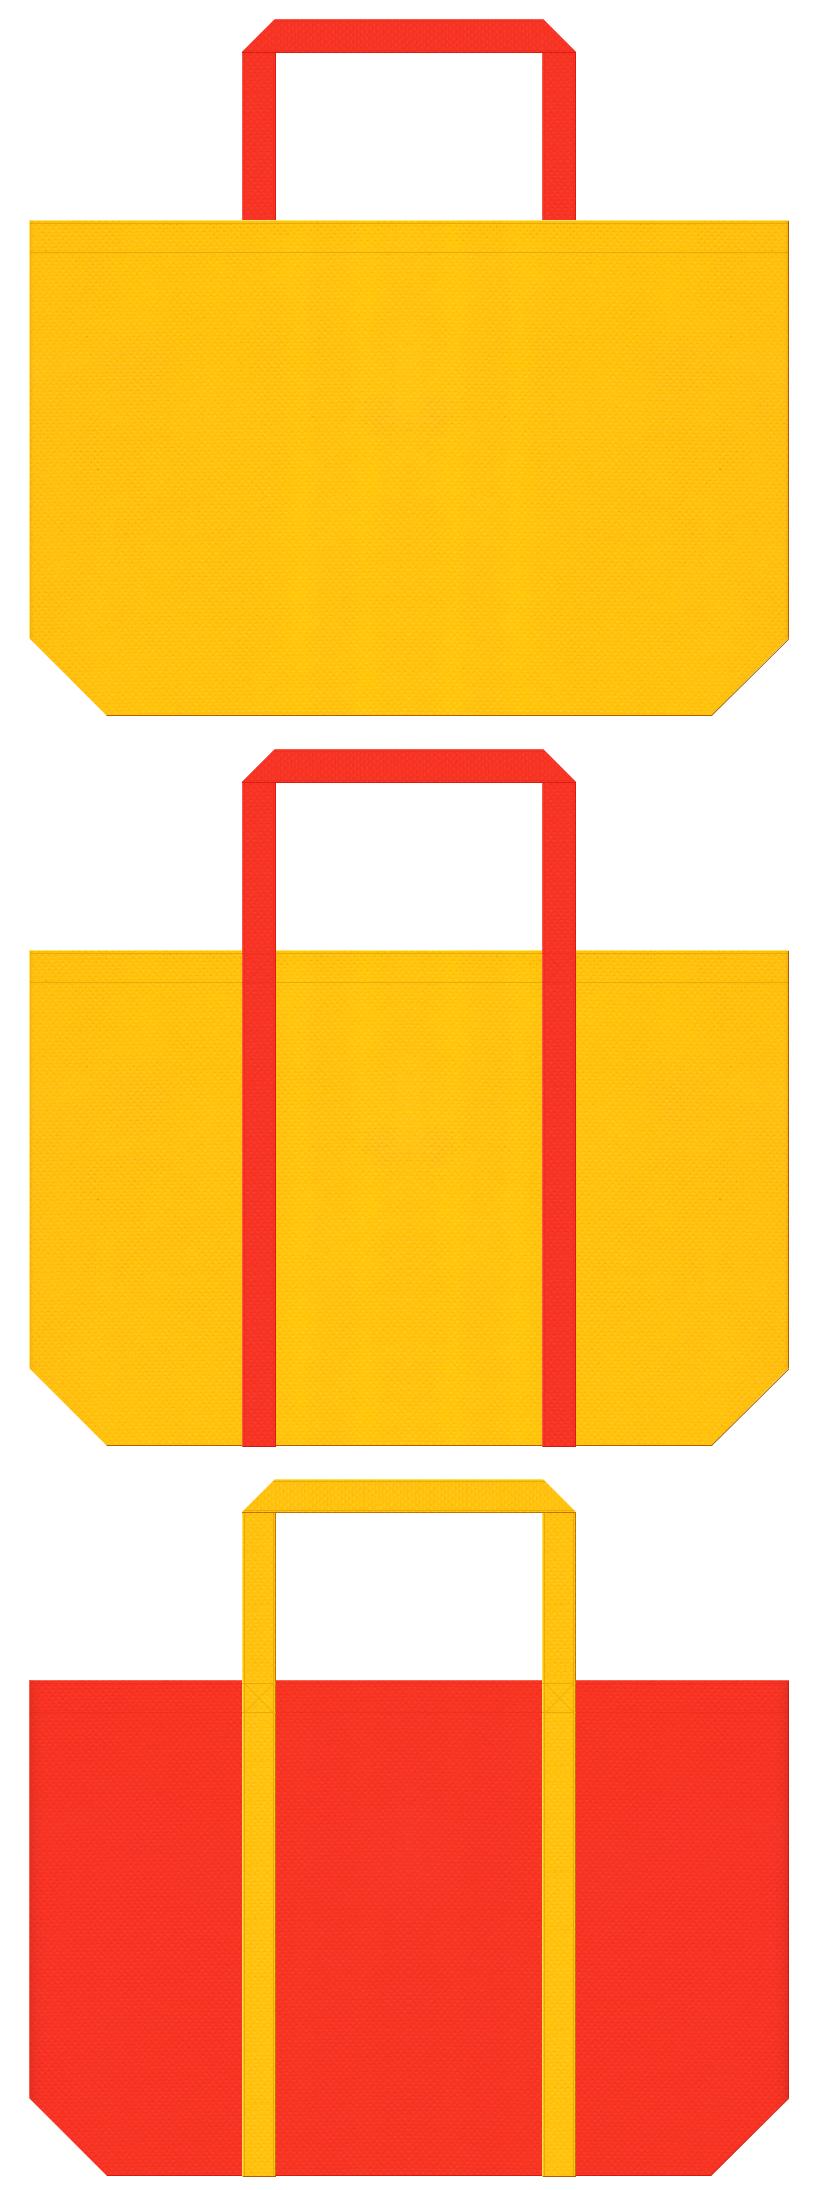 黄色とオレンジ色の不織布バッグデザイン。お料理教室・ランチバッグにお奨めの配色です。